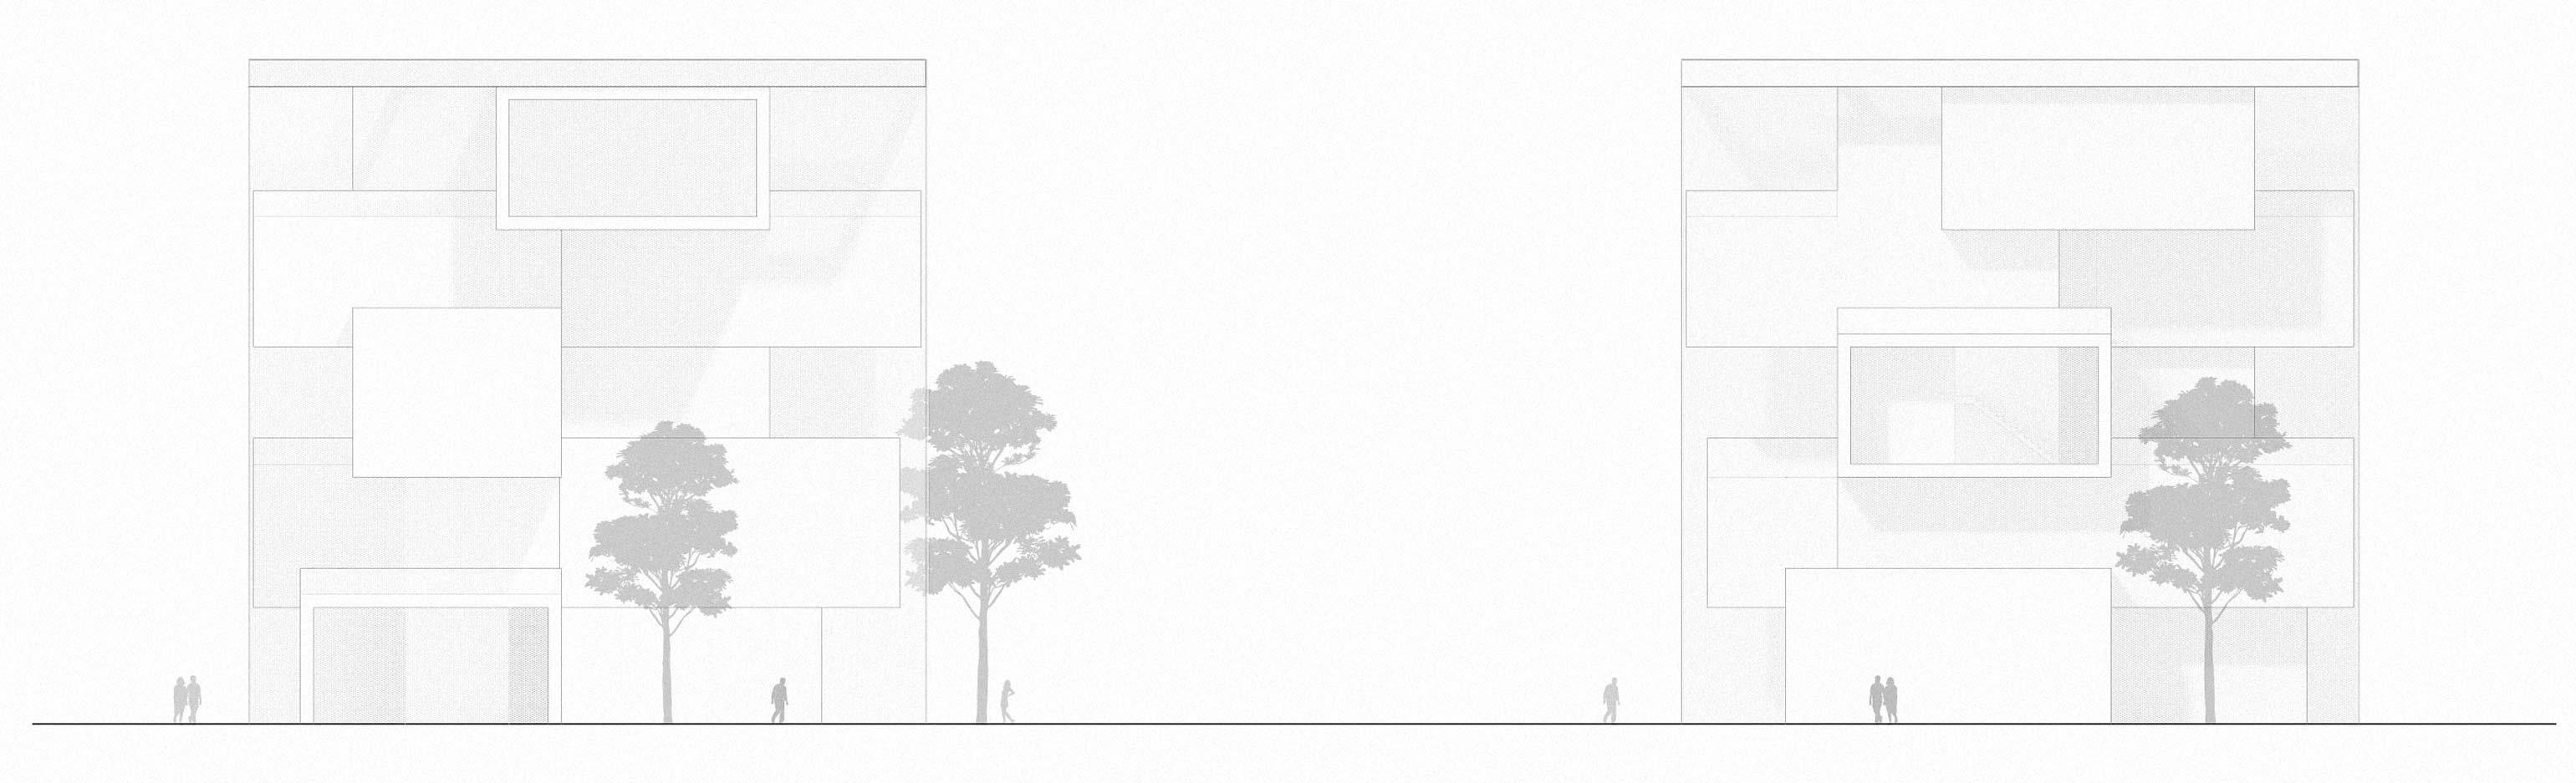 KUBIK Architektur - Studio für Architektur Berlin - architecture - Wettbewerb - Museum - Literaturmuseum Suzhou - Ansicht